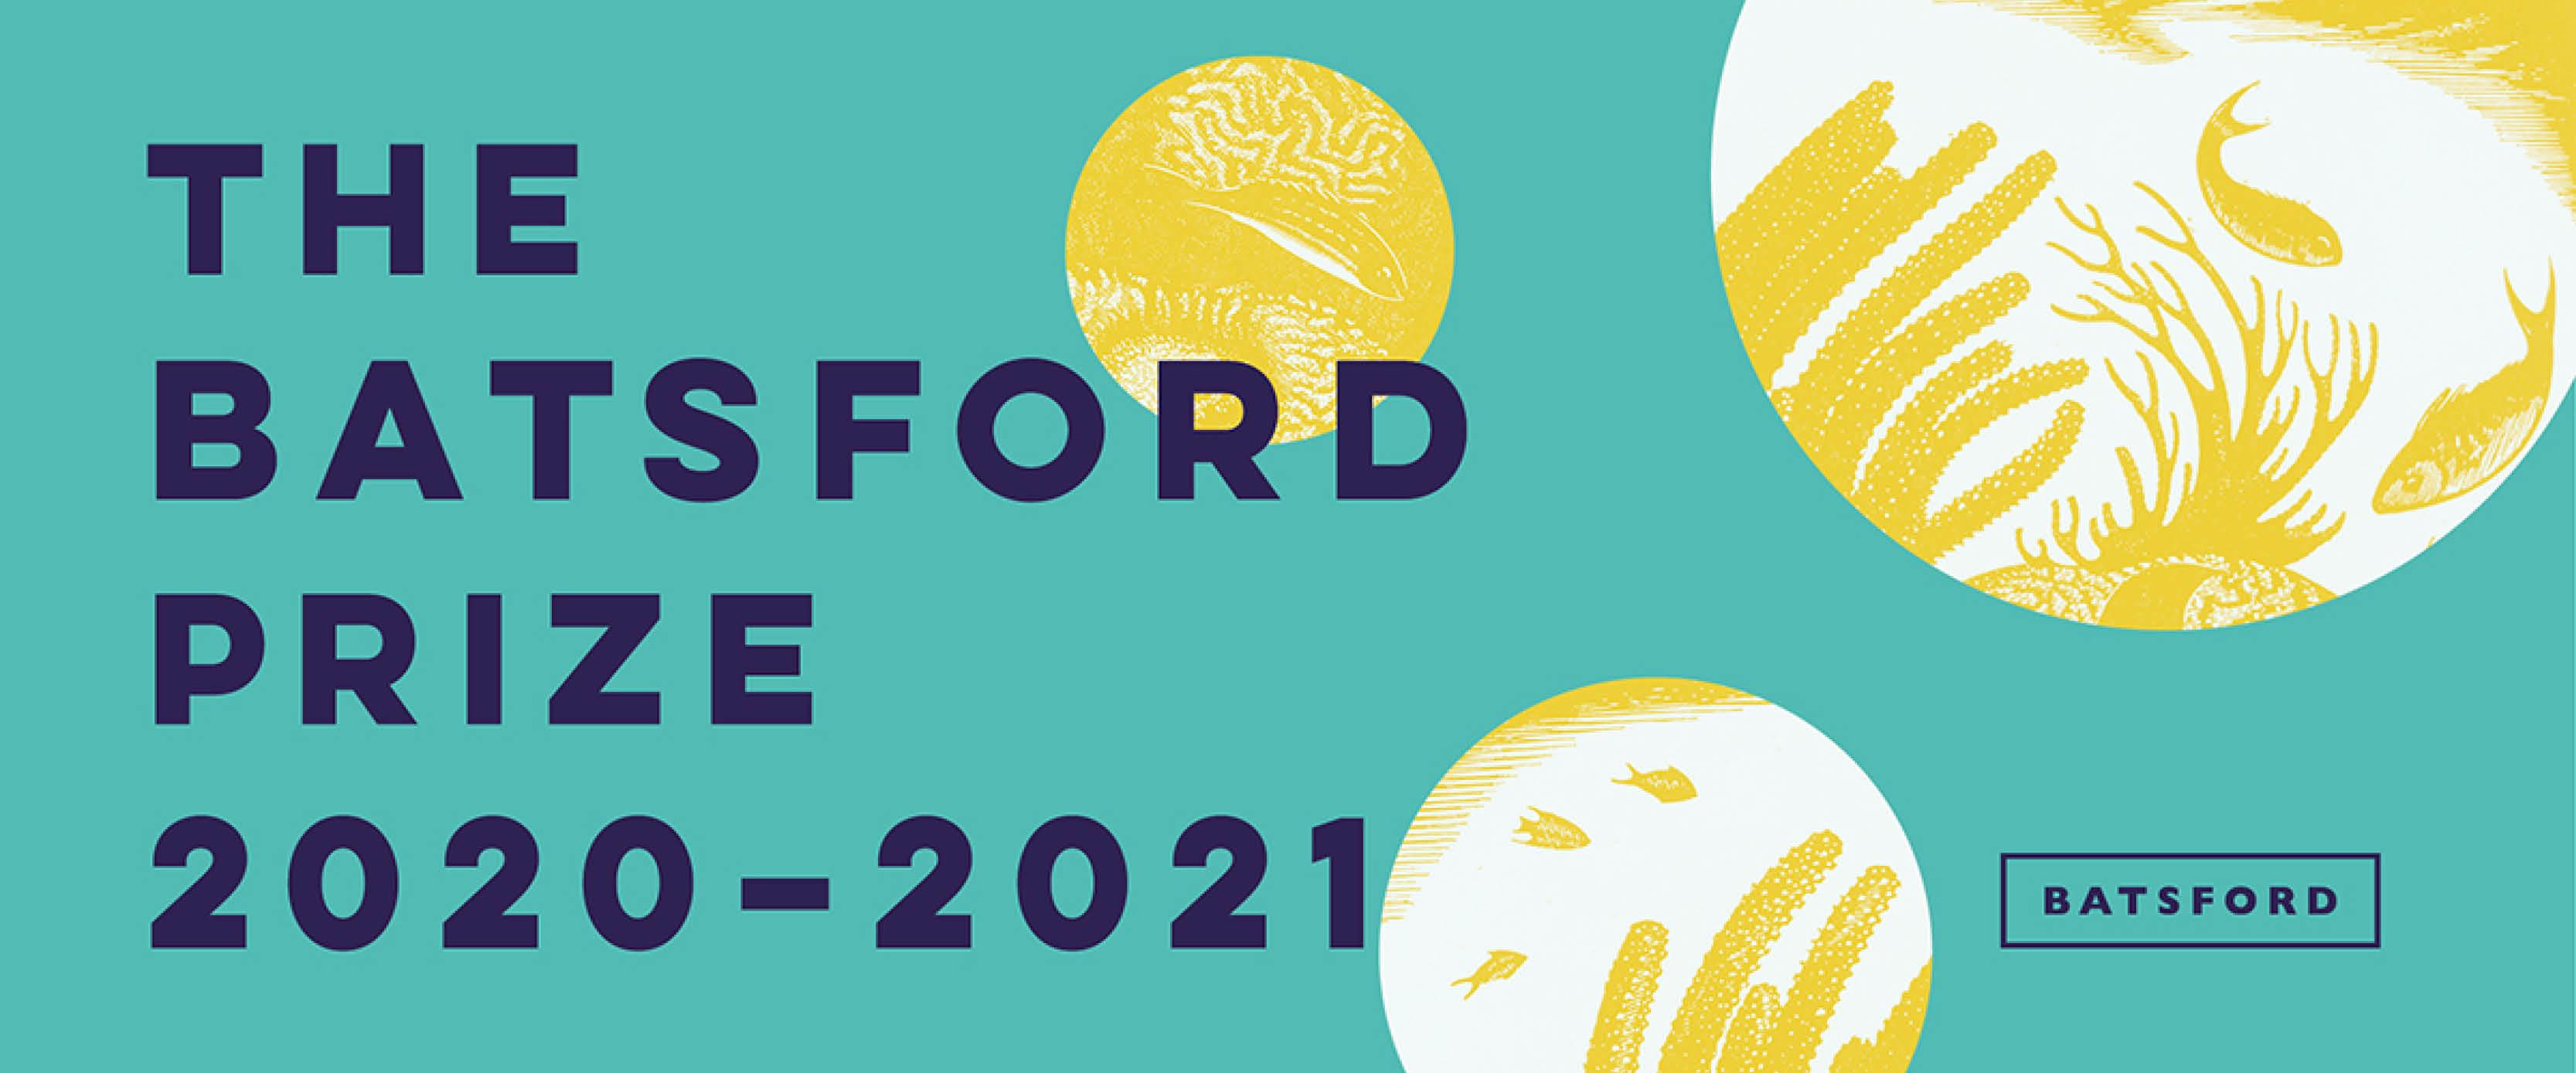 The Batsford Prize, 2020 – 2021